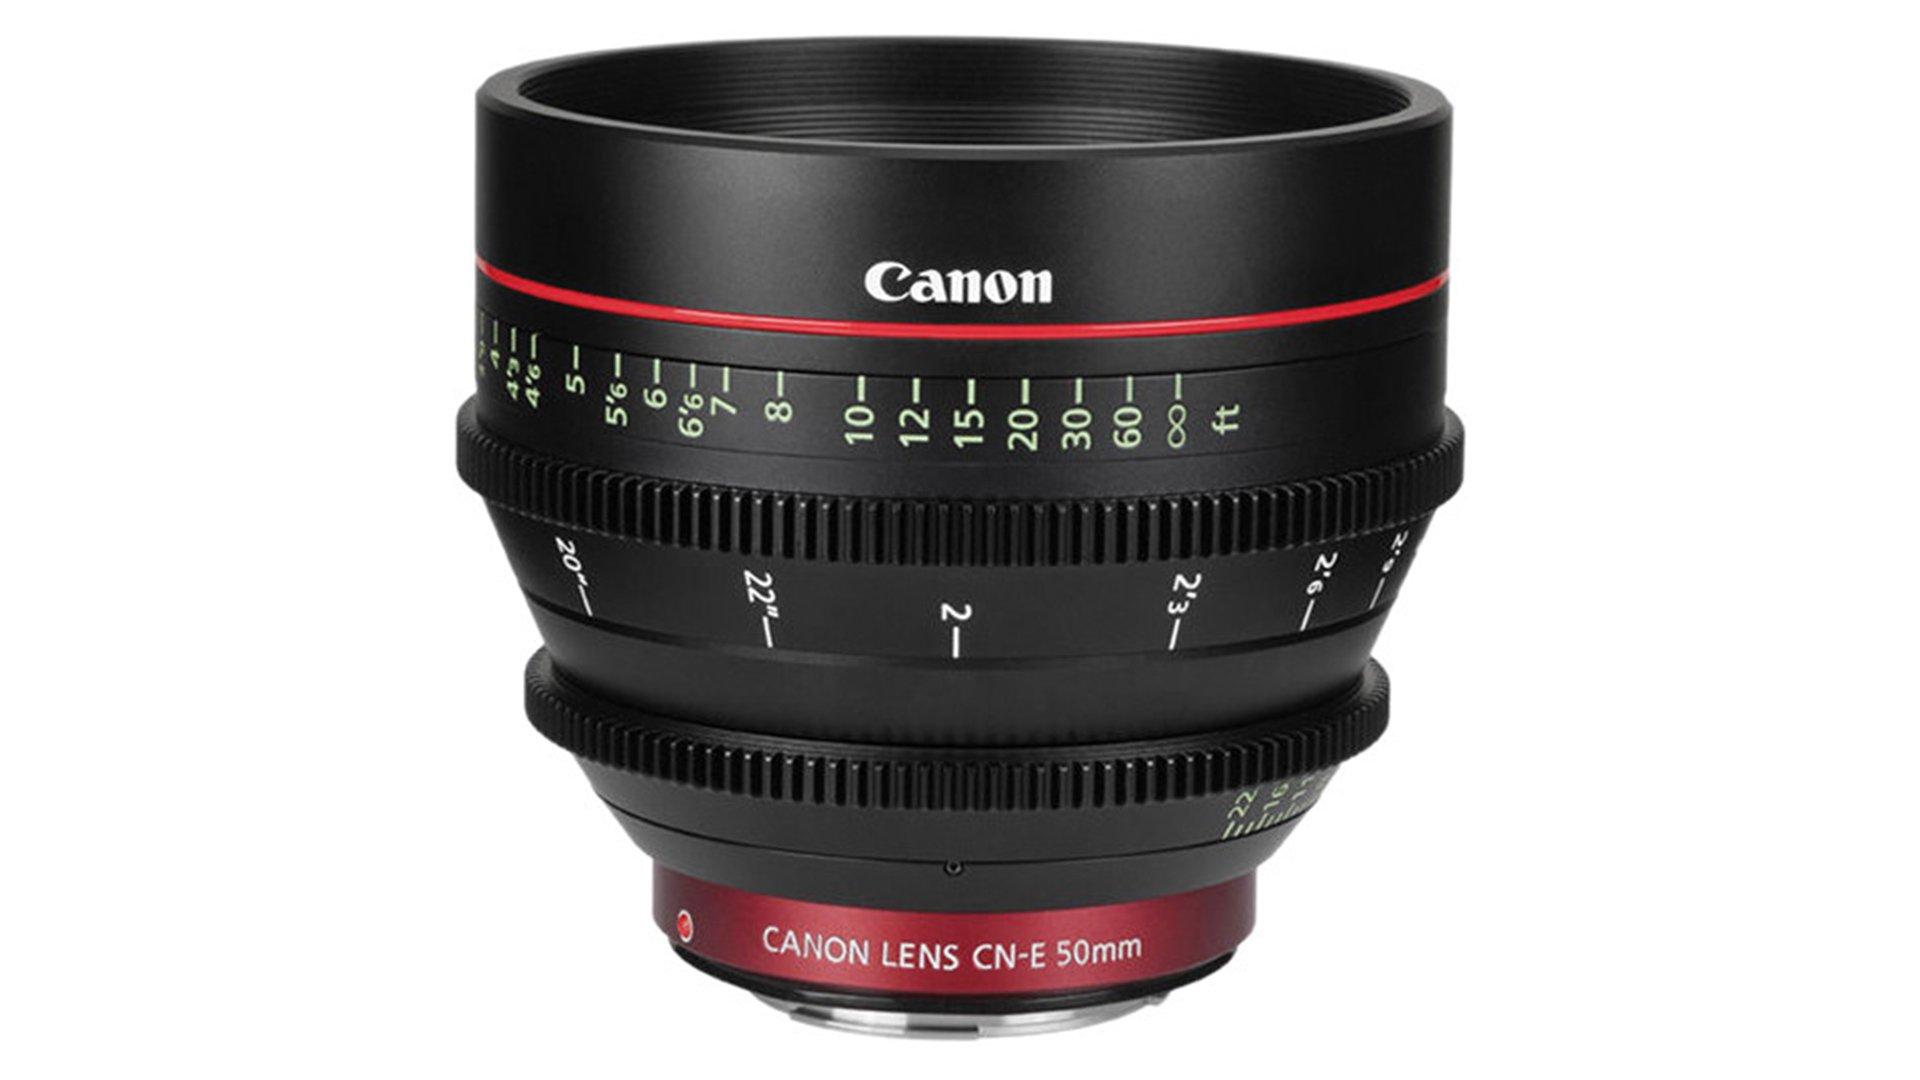 Canon CN-E 50mm T1.3 L F Cine Lens. Image Canon.